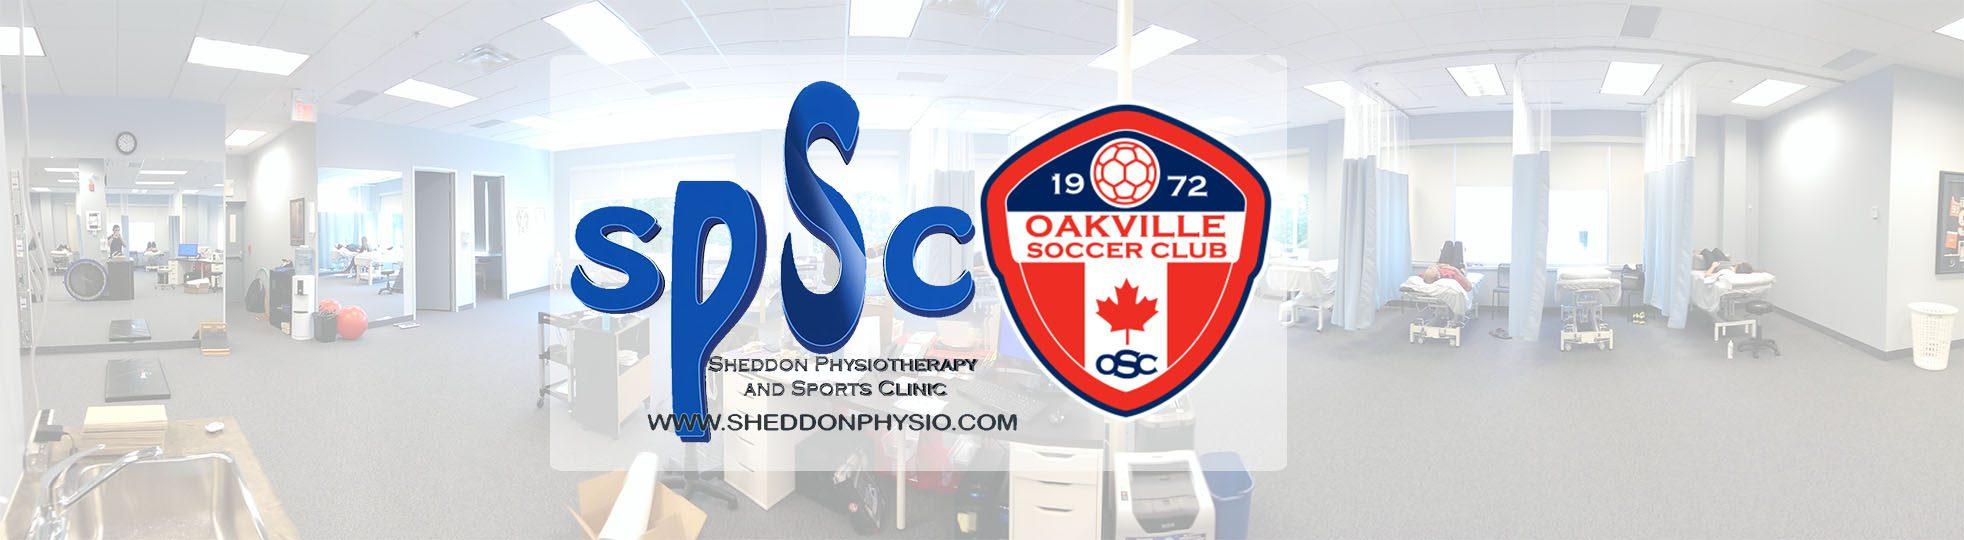 Oakville Soccer Club 2017 Concussion Baseline Testing Invite